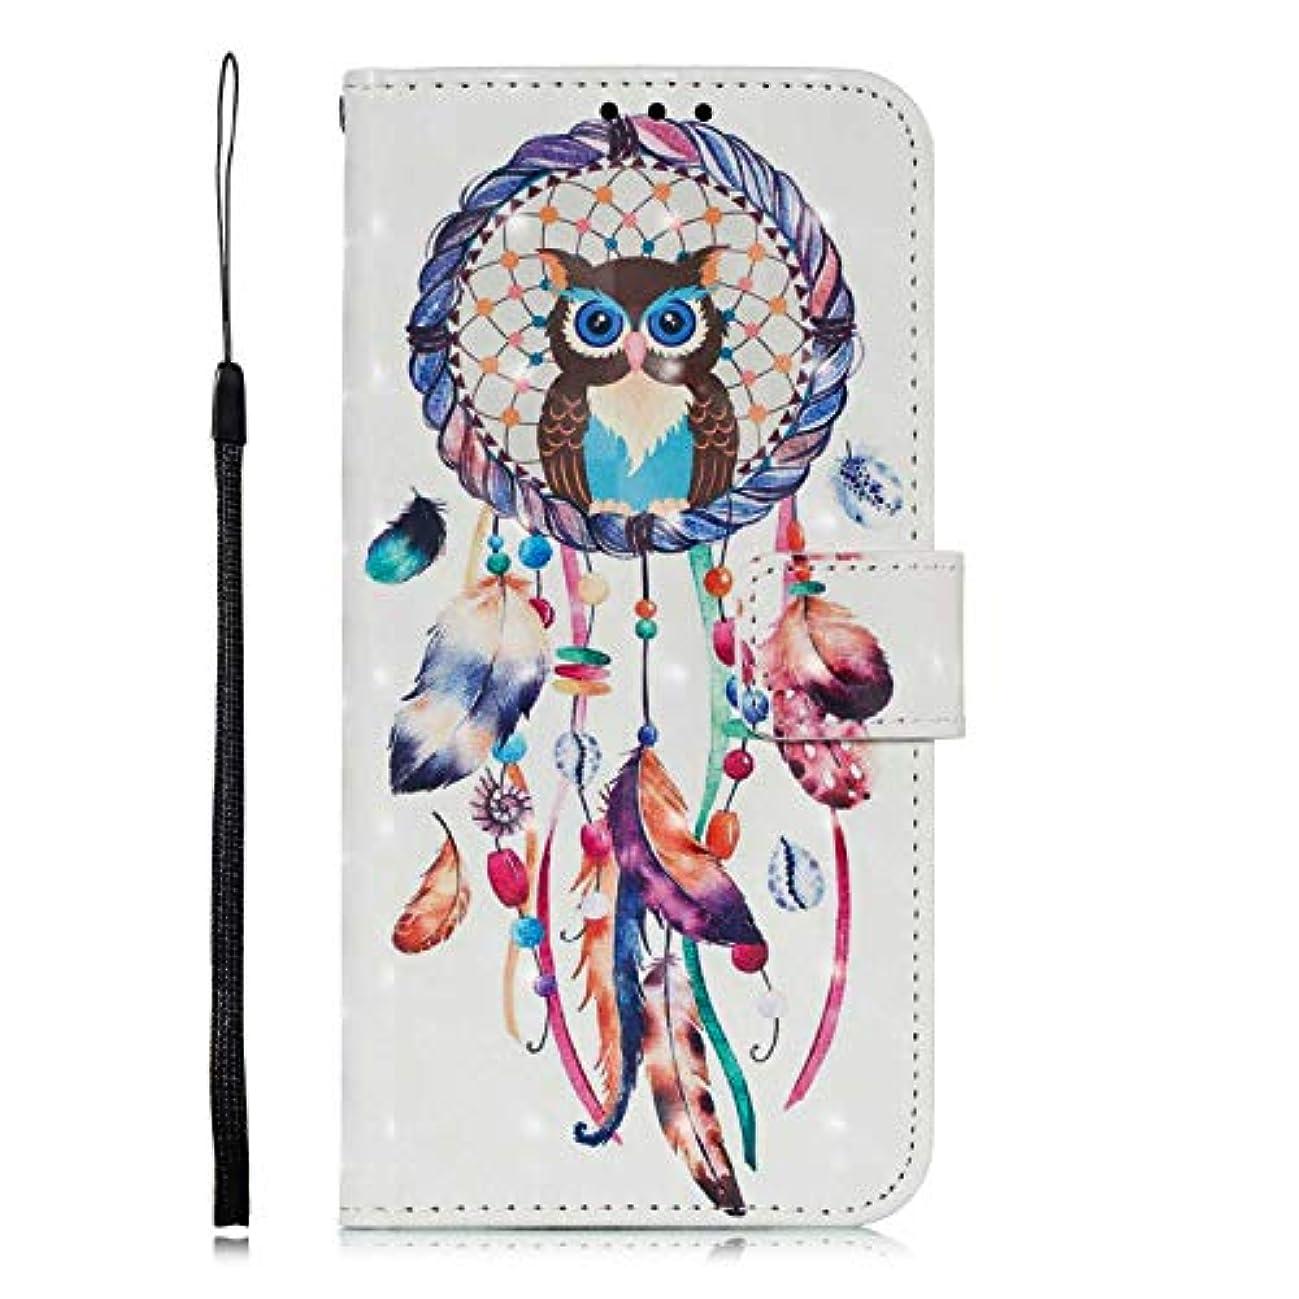 素晴らしさマットピケOMATENTI Galaxy A8 2018 ケース, ファッション良質 PU レザー 財布型 ケース 薄型 人気 新製品 衝撃吸収 全面保護 スマホケース, 付きスタンド機能, カードホルダー機能 ストラップ付き Galaxy A8 2018 用 Case Cover, フクロウとドリームキャッチャー